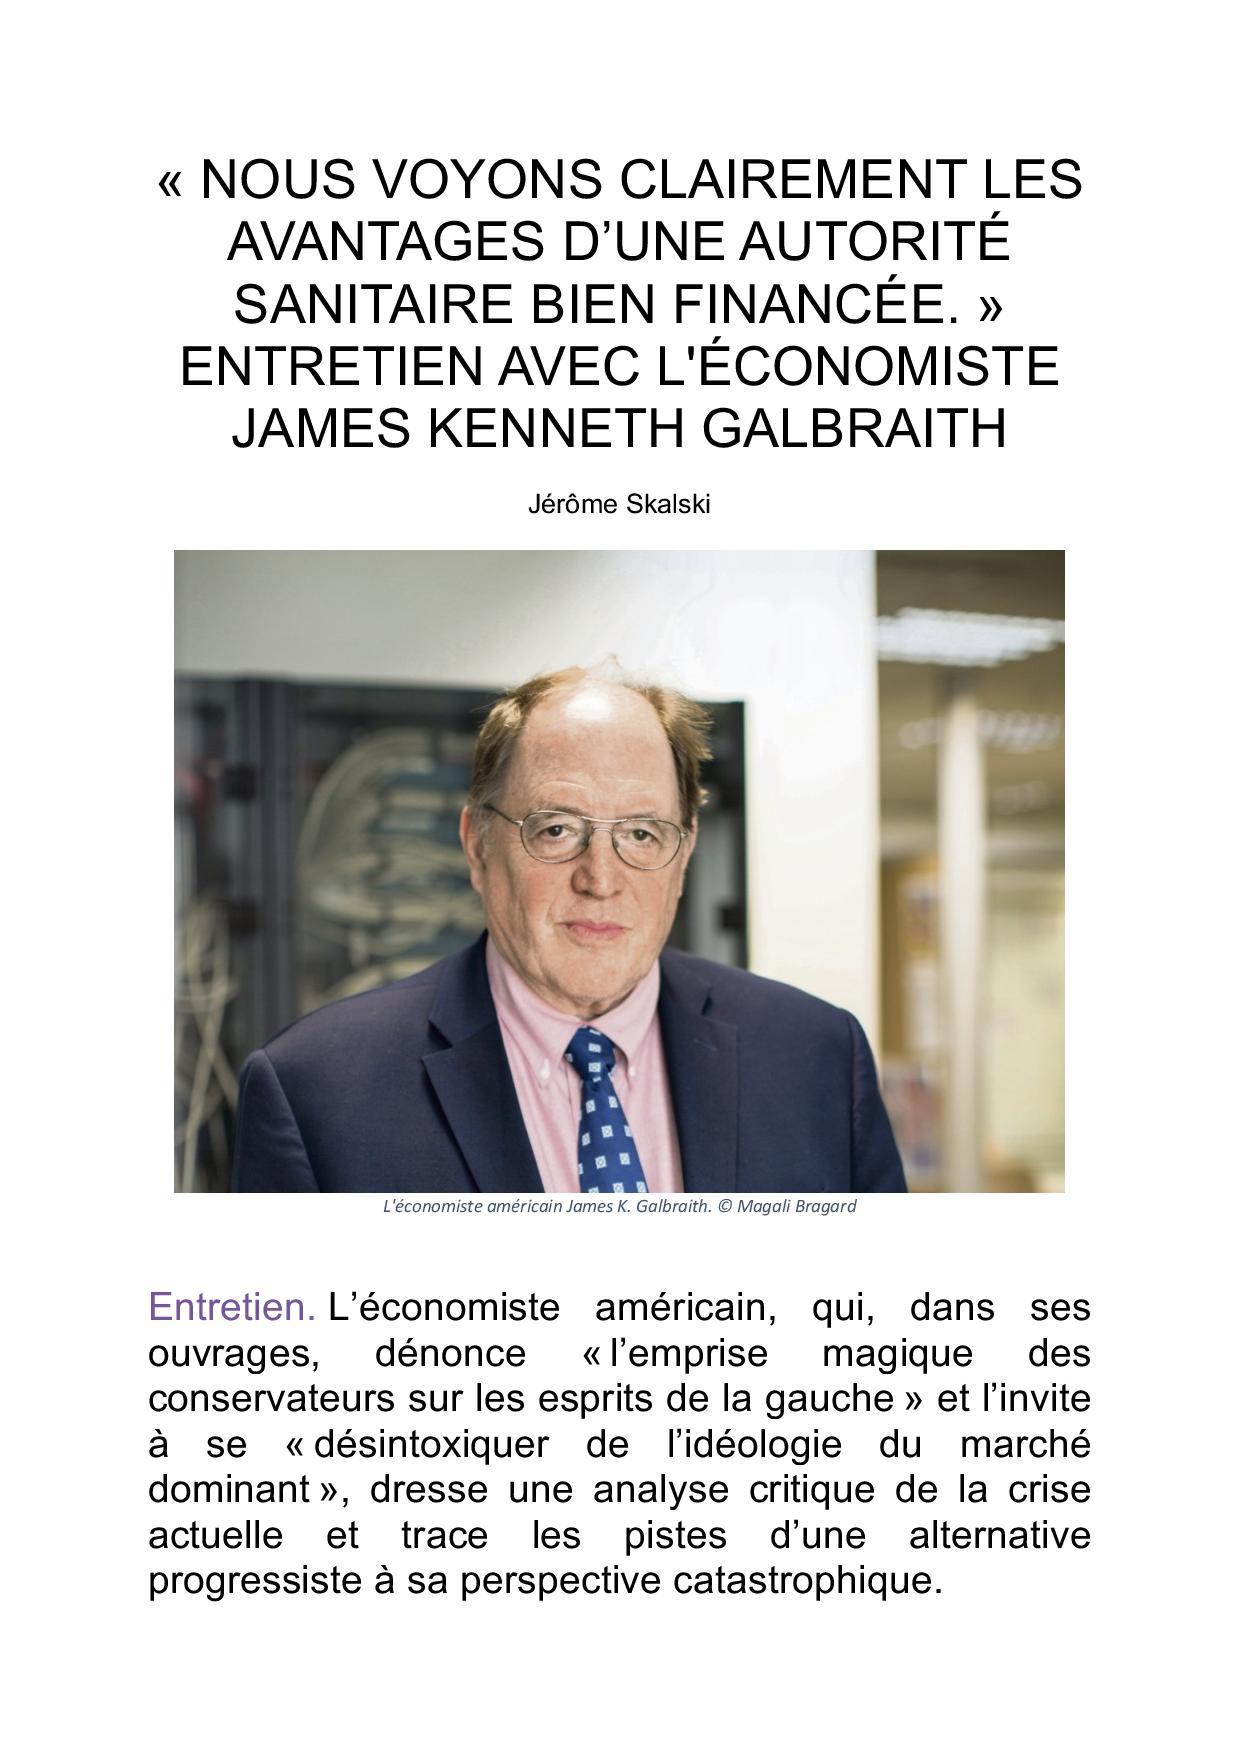 entretien_avec_James_Kenneth_Galbraith_-_l_humanité_vendredi_22_mai_2020-page-001.jpg